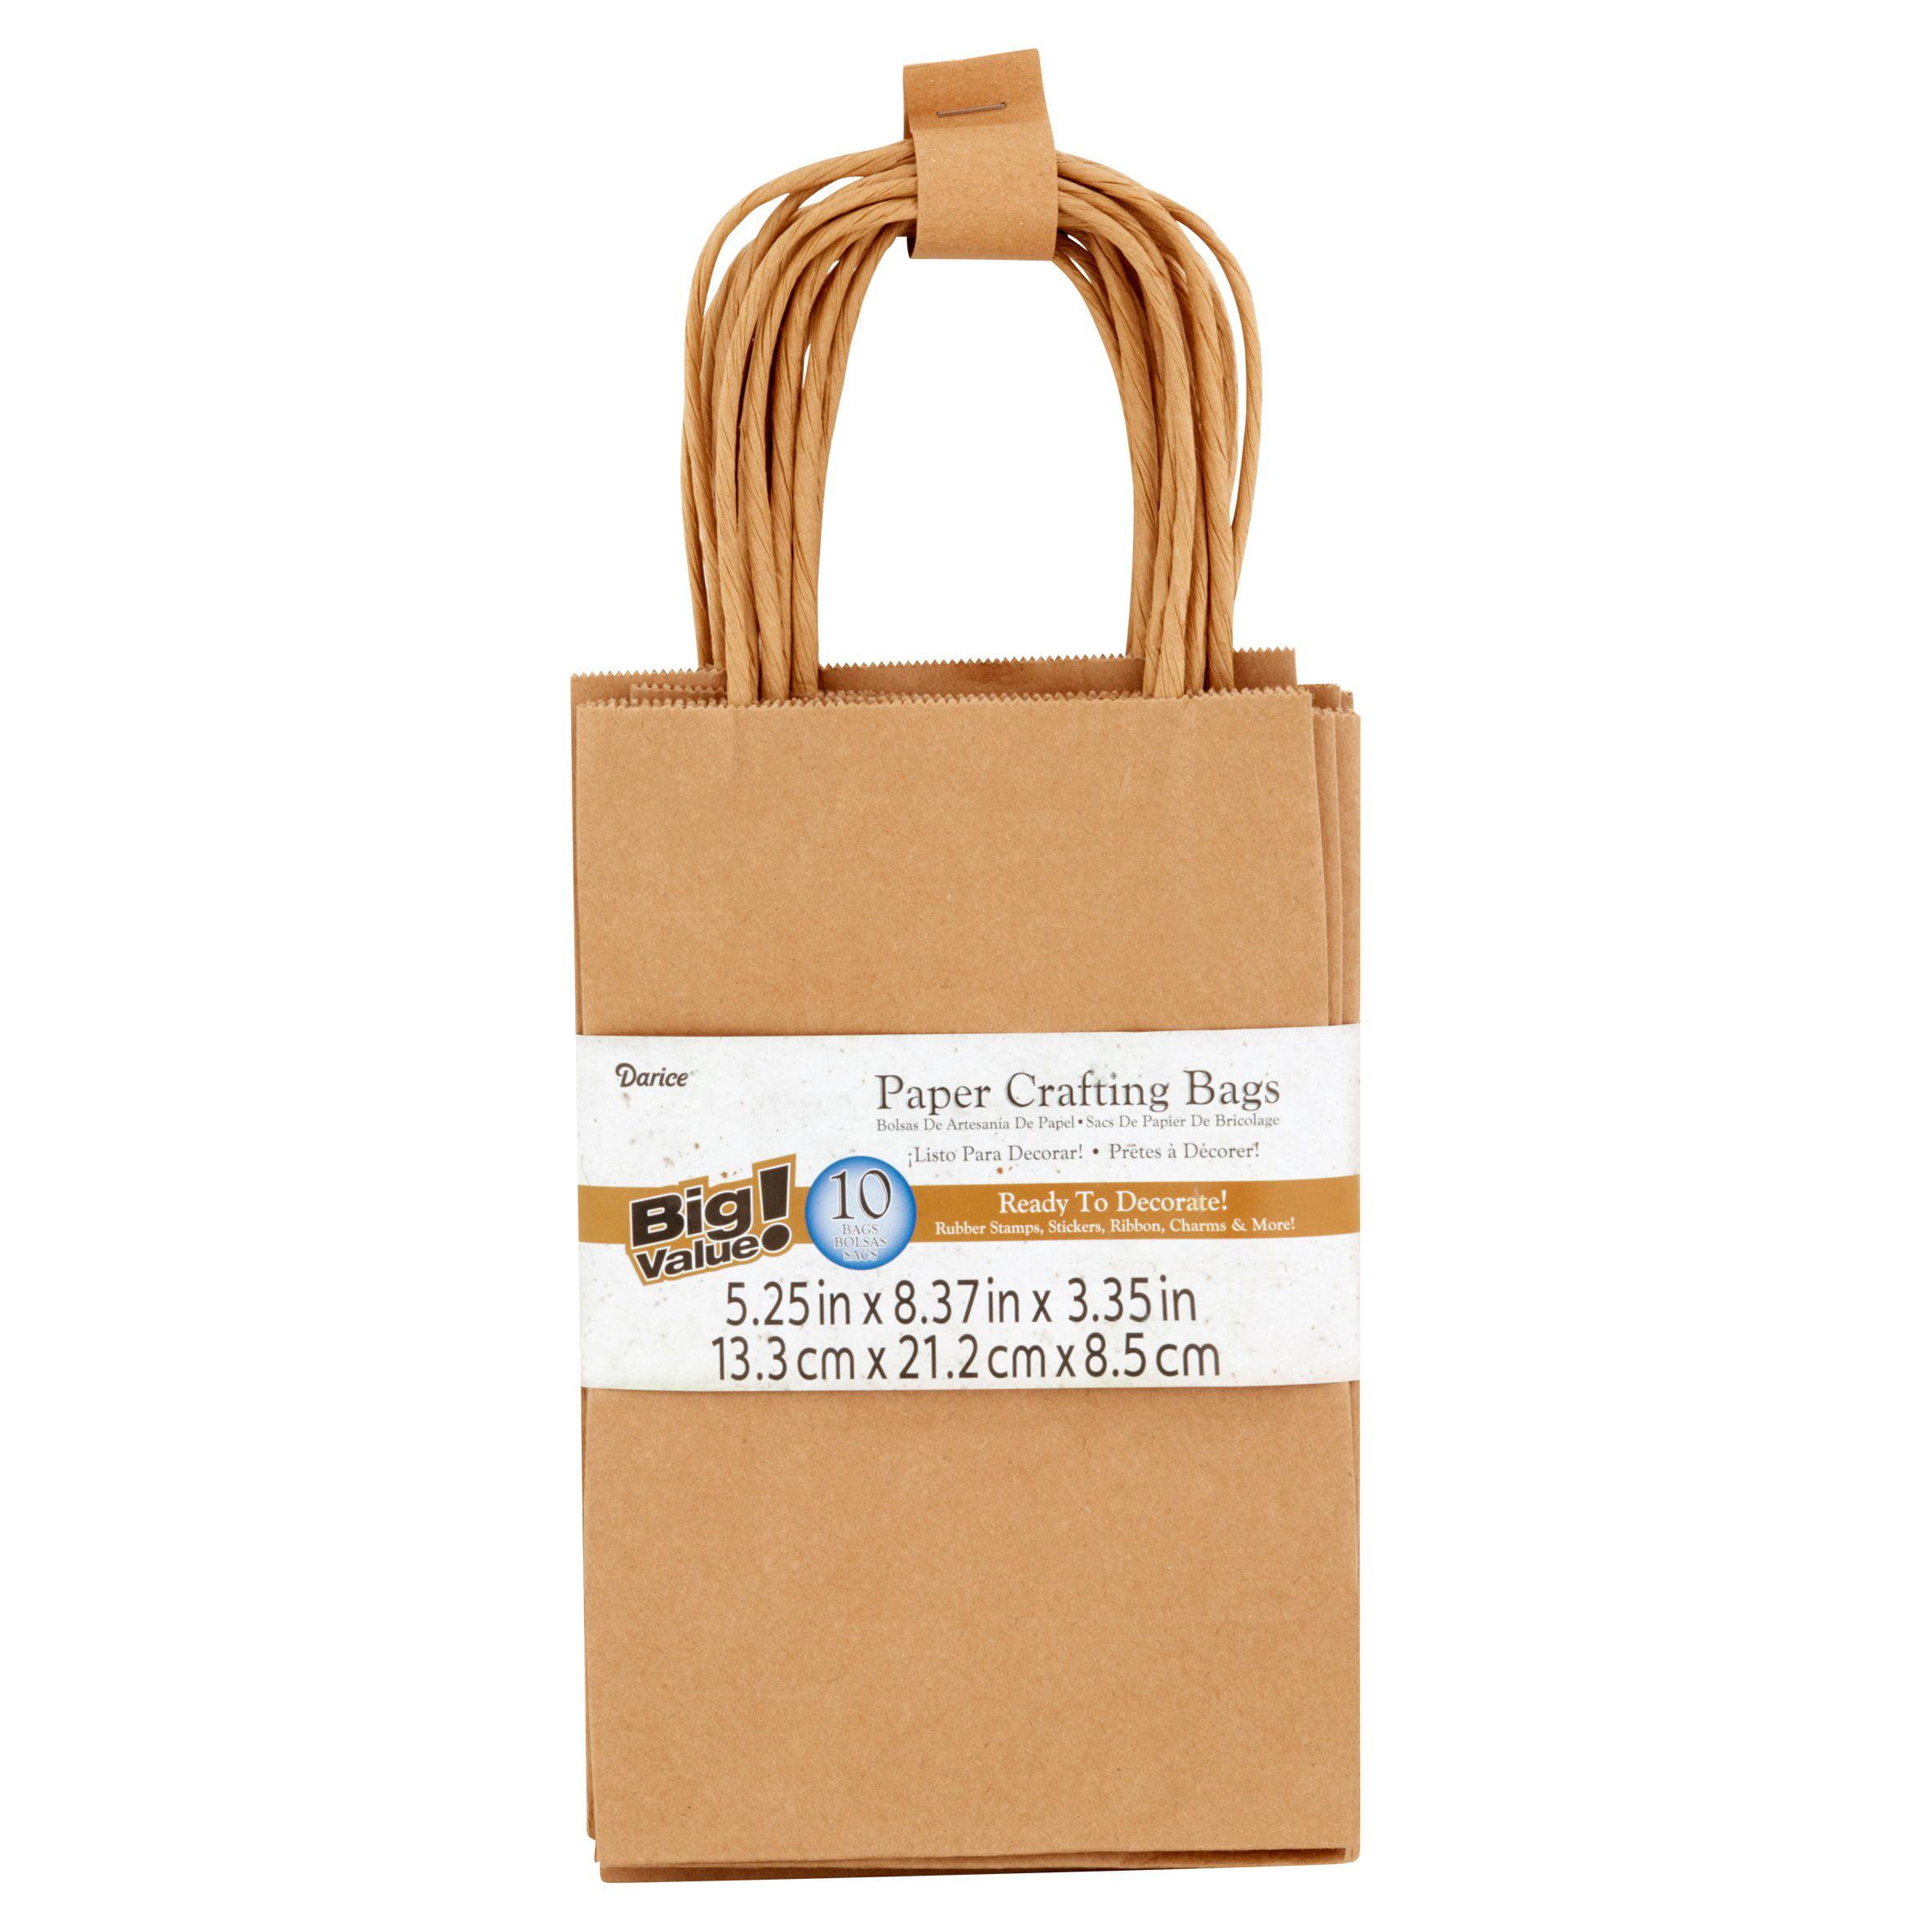 Darice Paper Crafting Bags, 10 Count